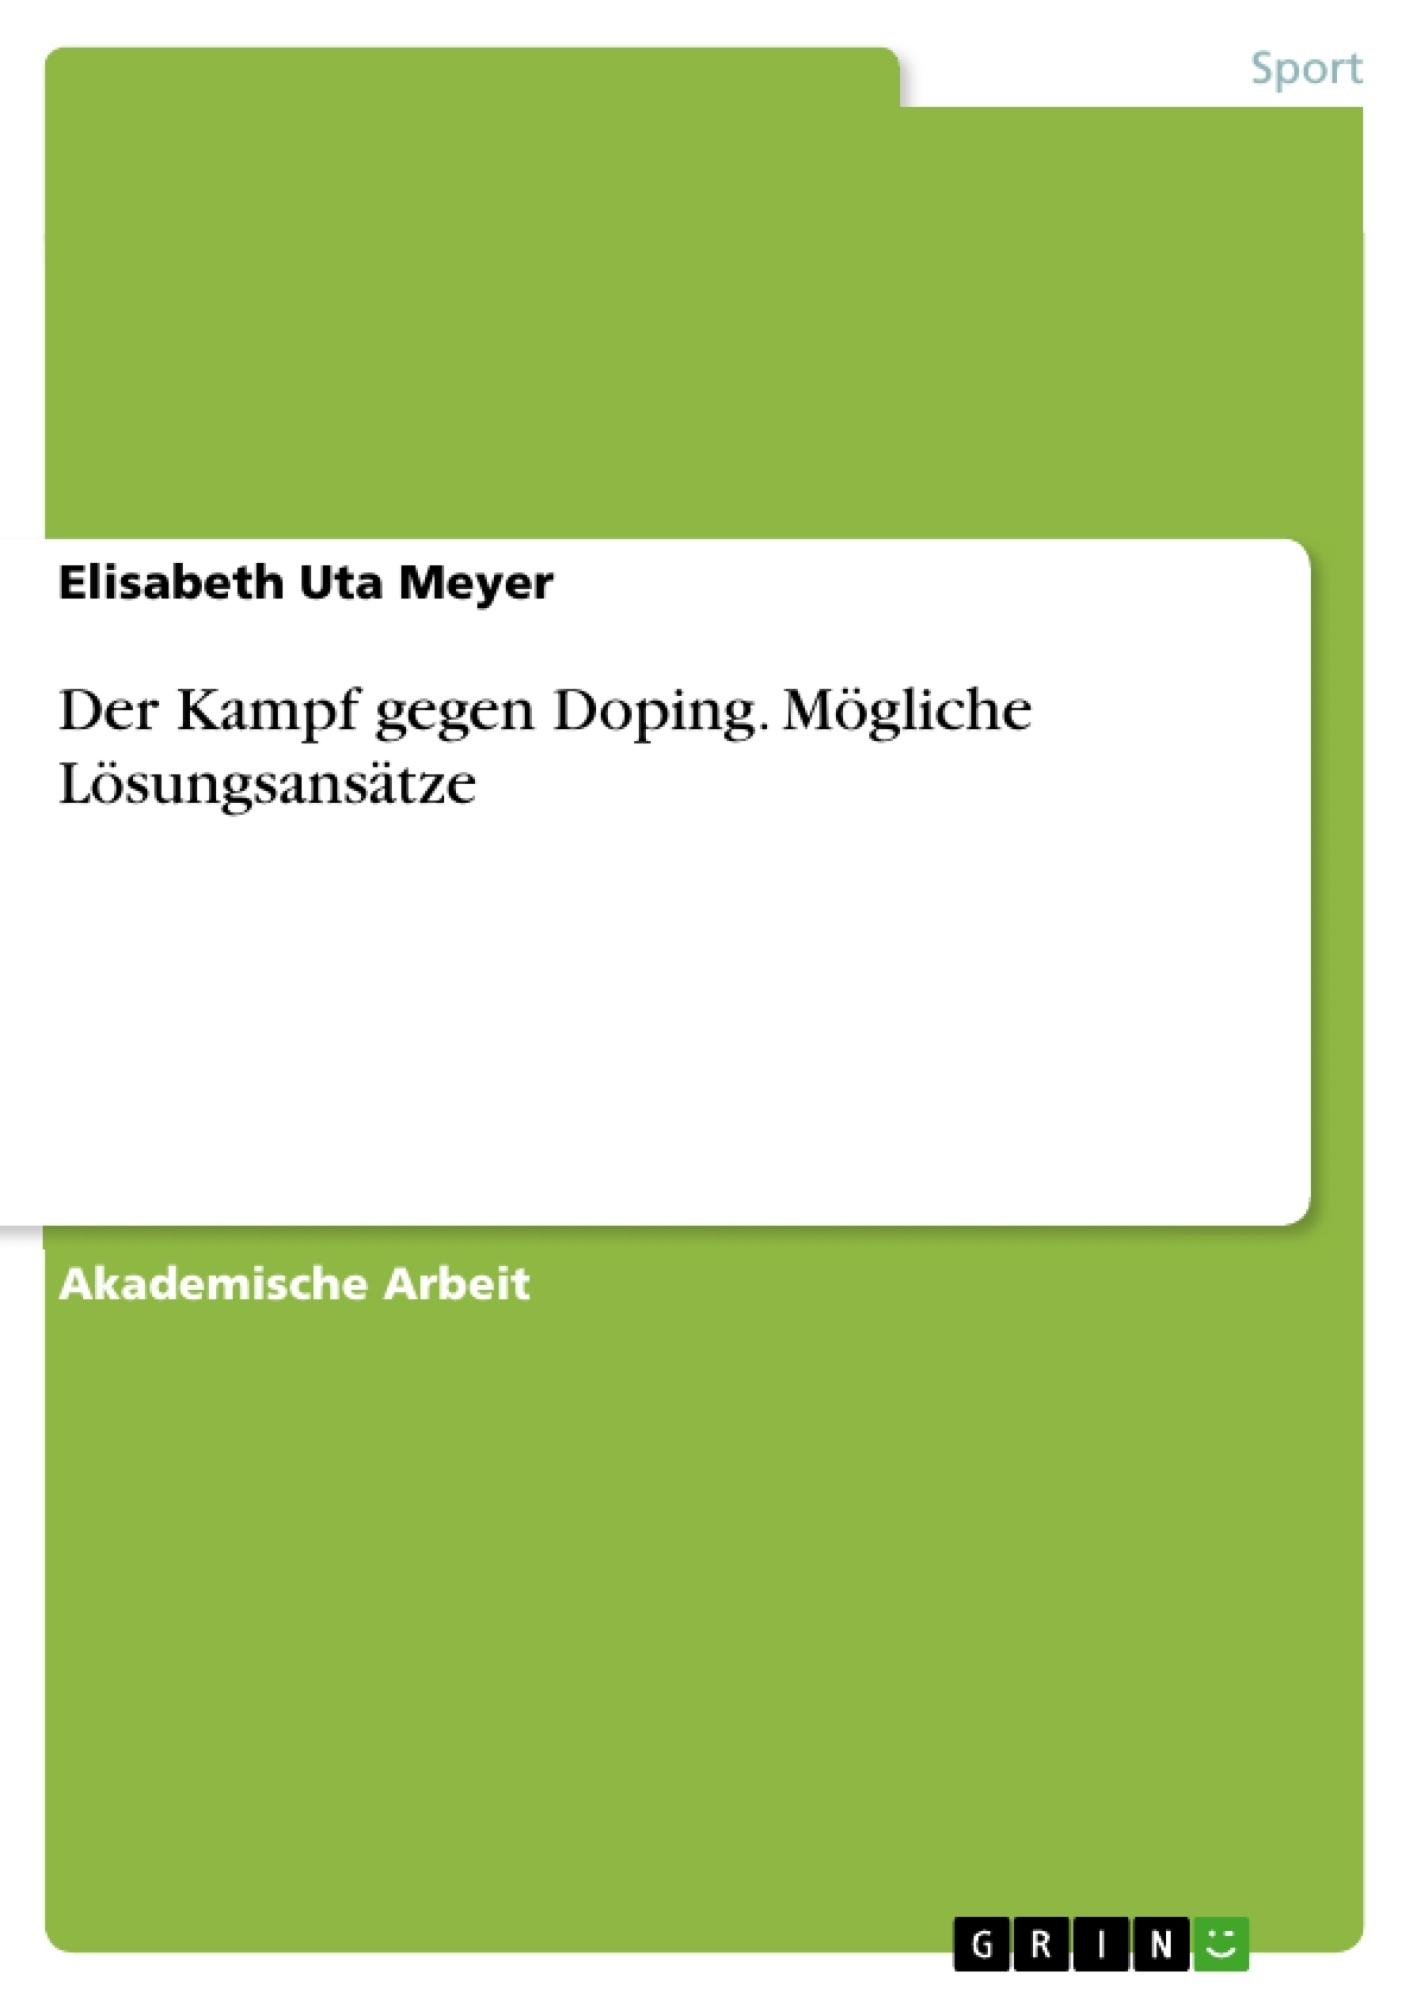 Titel: Der Kampf gegen Doping. Mögliche Lösungsansätze